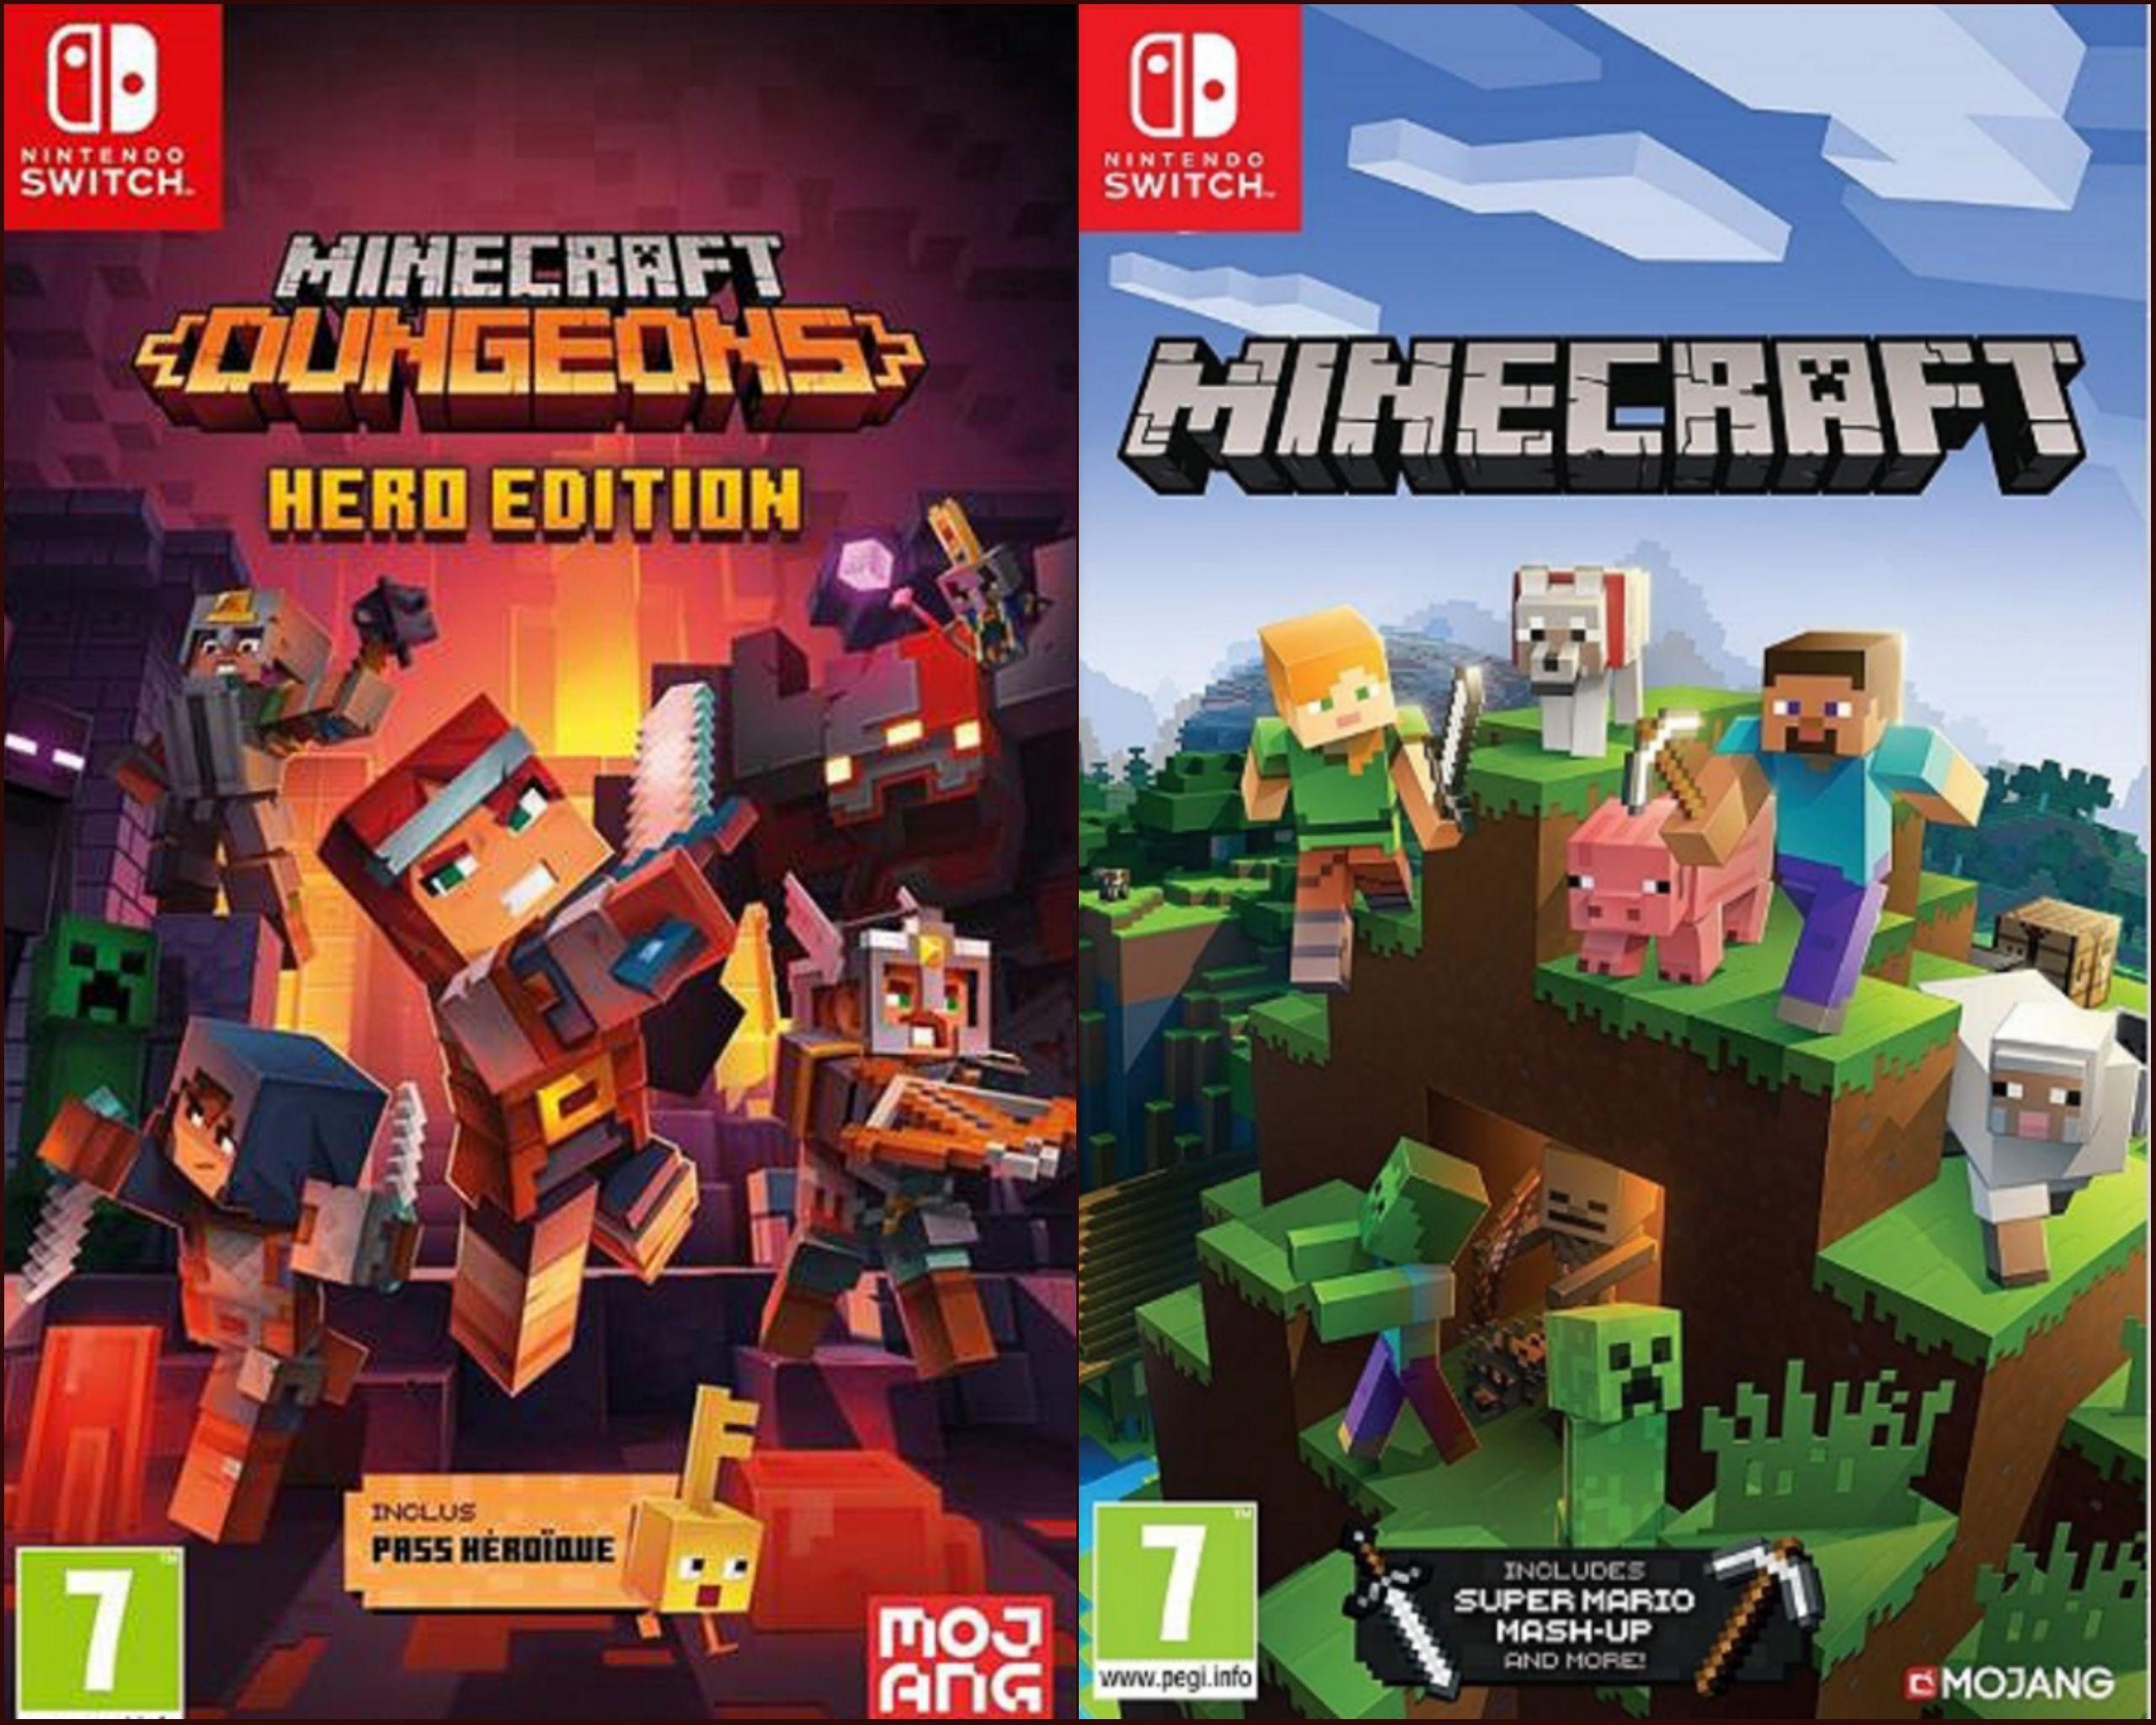 Minecraft ou Minecraft: Dungeons Hero Edition sur Switch